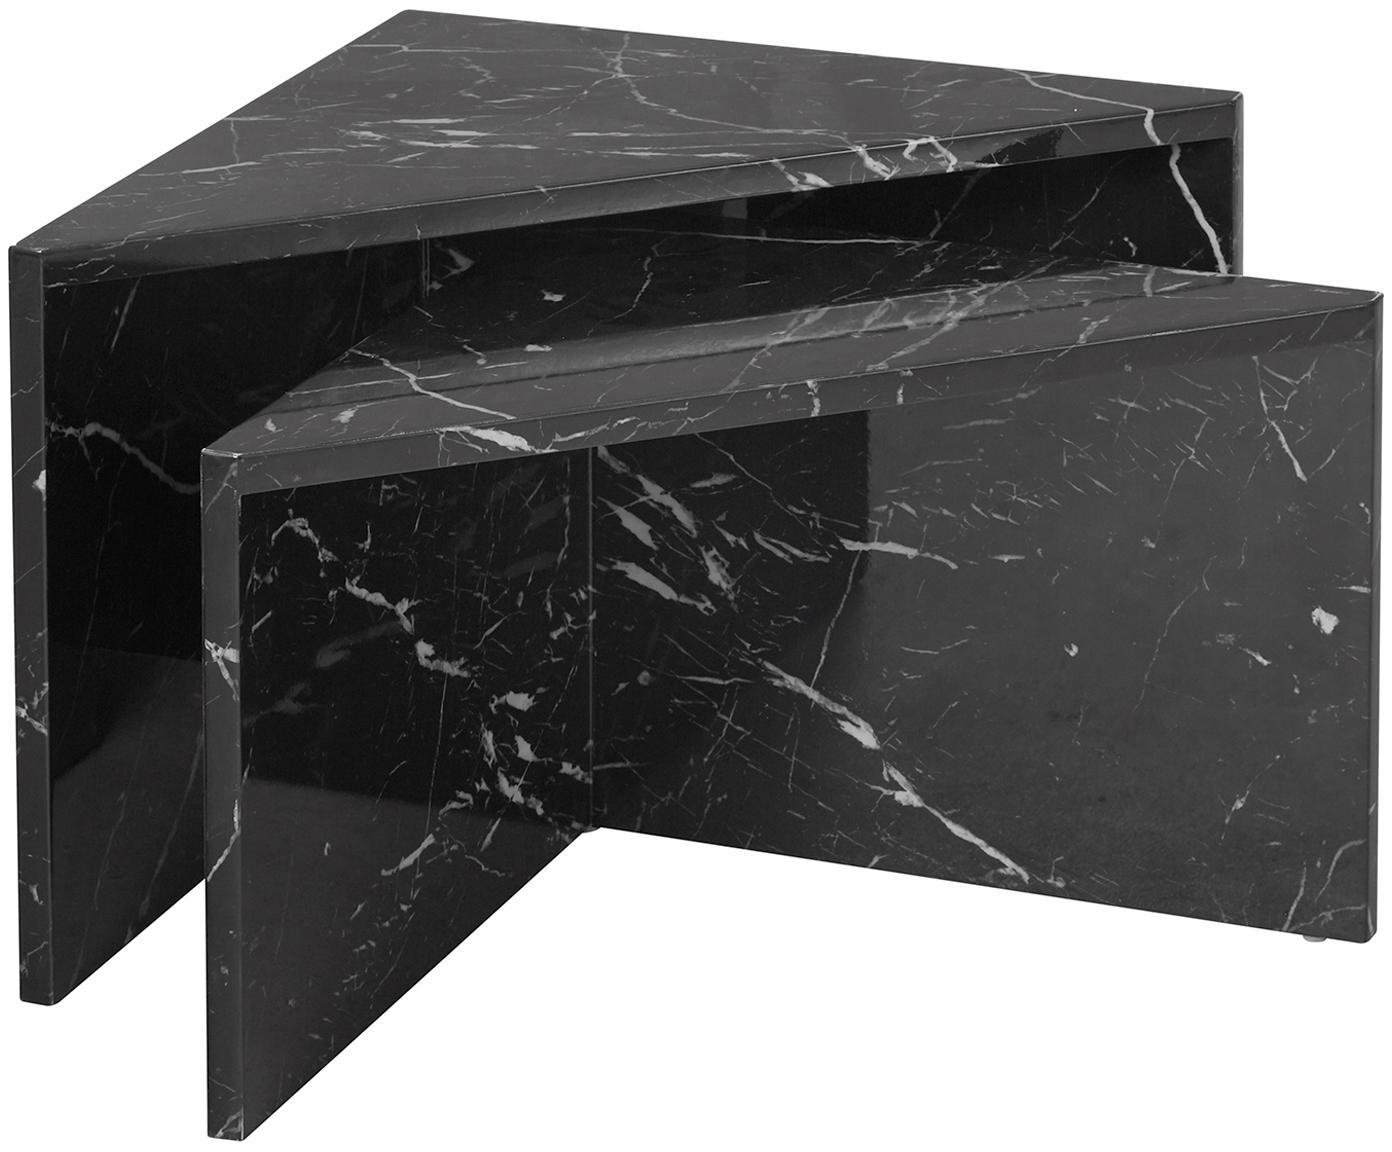 Set de mesas de centro en aspecto mármol Vilma, 2pzas., Tablero de fibras de densidad media (MDF), cubierto en papel con estampado de mármol lacado, Mármol negro brillante, Tamaños diferentes